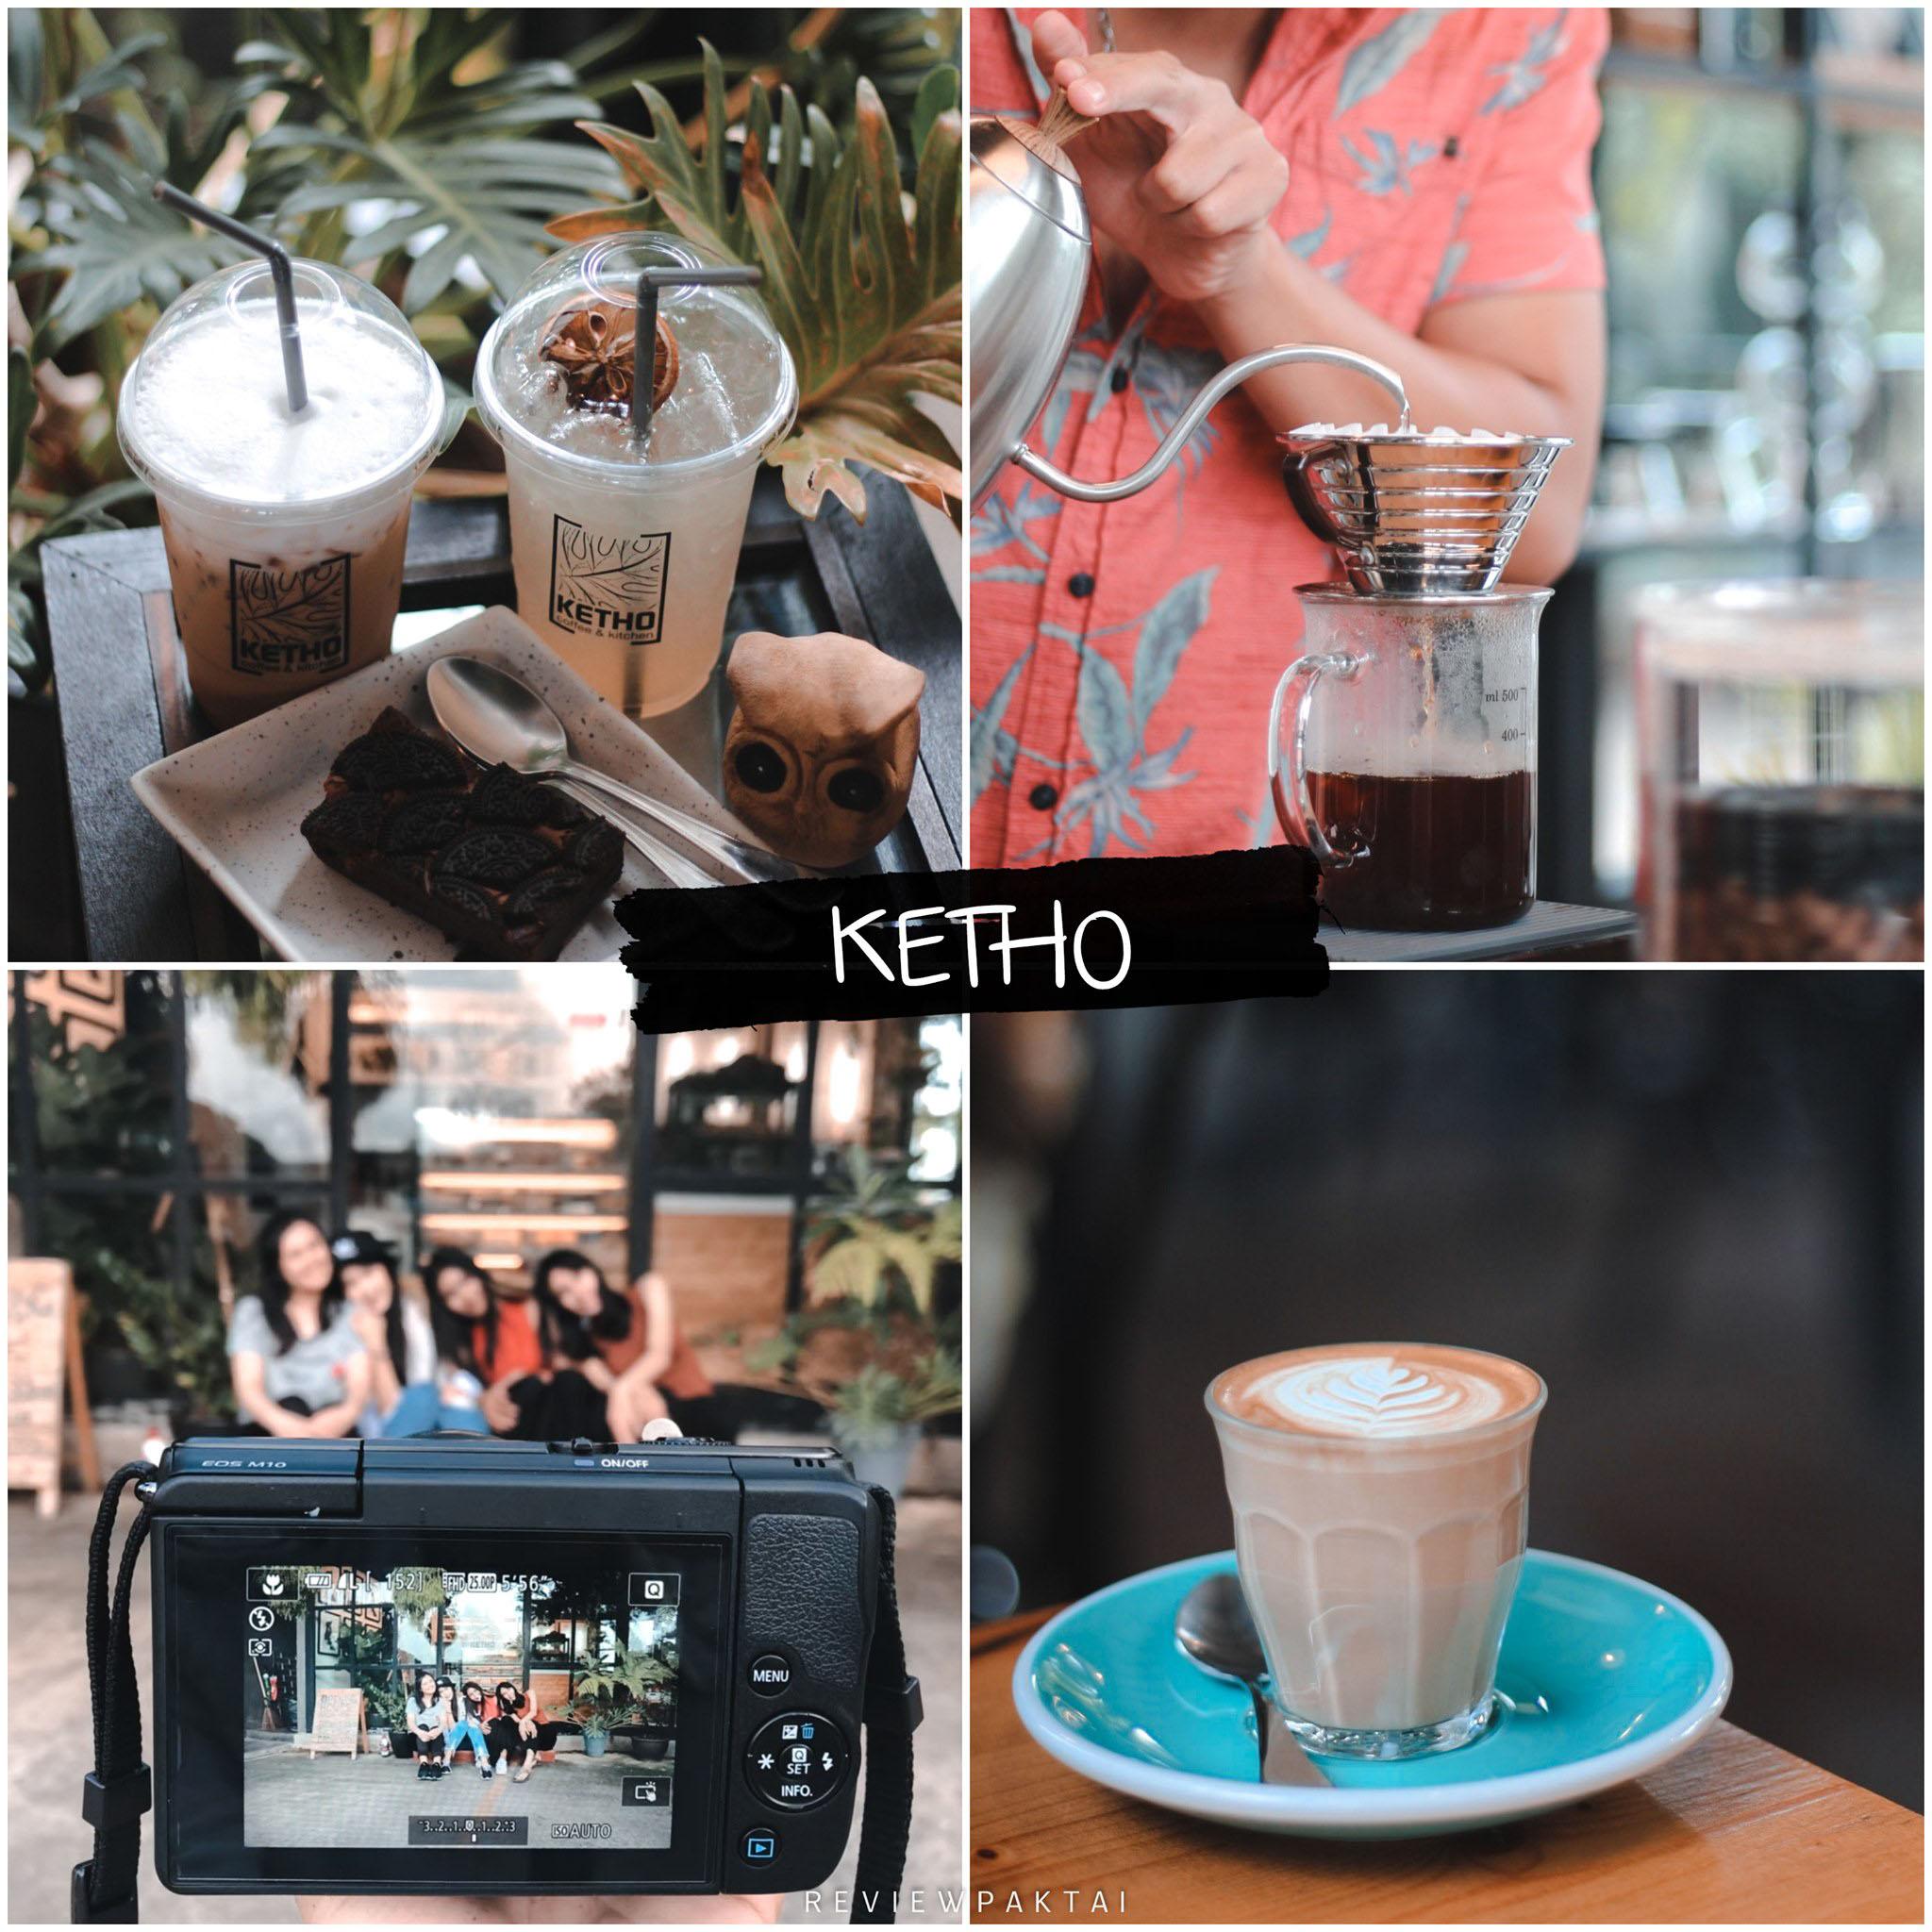 ร้านลับที่ไม่ลับ-KetHo-Coffee---Kitchen-ร้านสวยตกแต่งมีสไตล์-ต้นไม้สีเขียวเยอะ-เมนูอาหารให้เลือกเพียบแบบจุกๆไปเลยย คลิกที่นี่ ภูเก็ต,คาเฟ่,ที่เที่ยว,ร้านกาแฟ,เด็ด,อร่อย,ต้องลอง